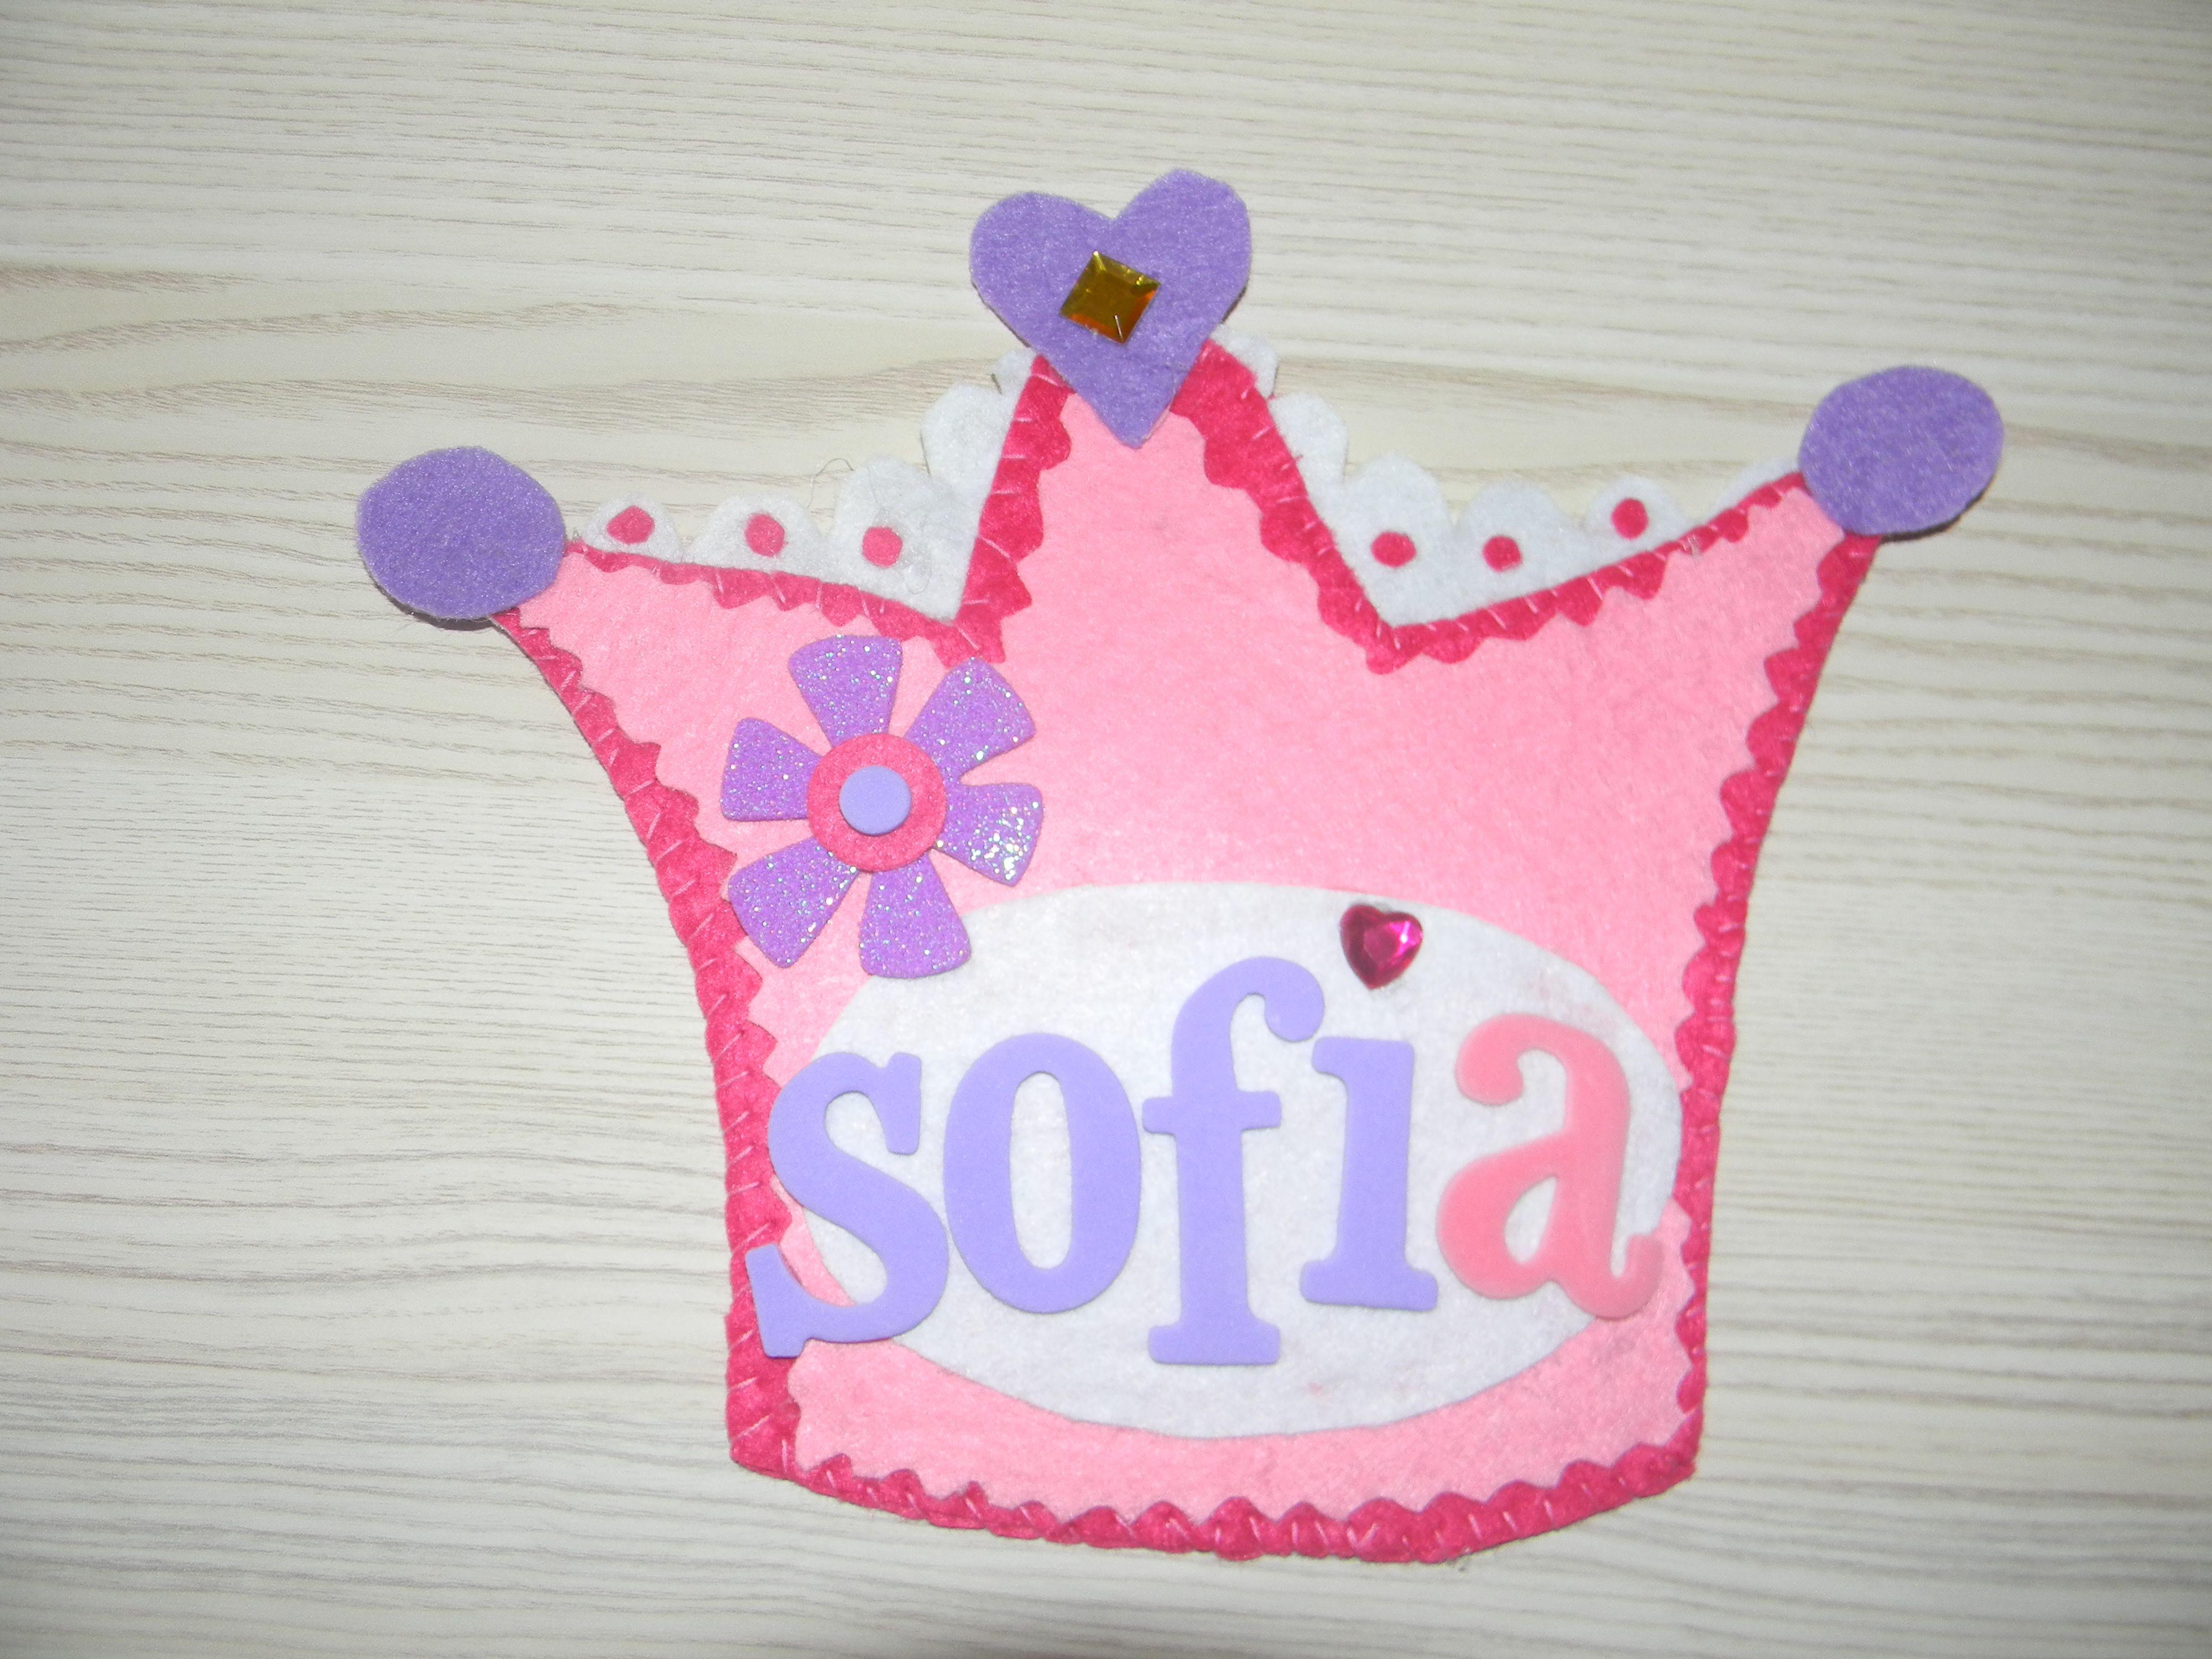 Pin By Marielle Olvera On Sofiia